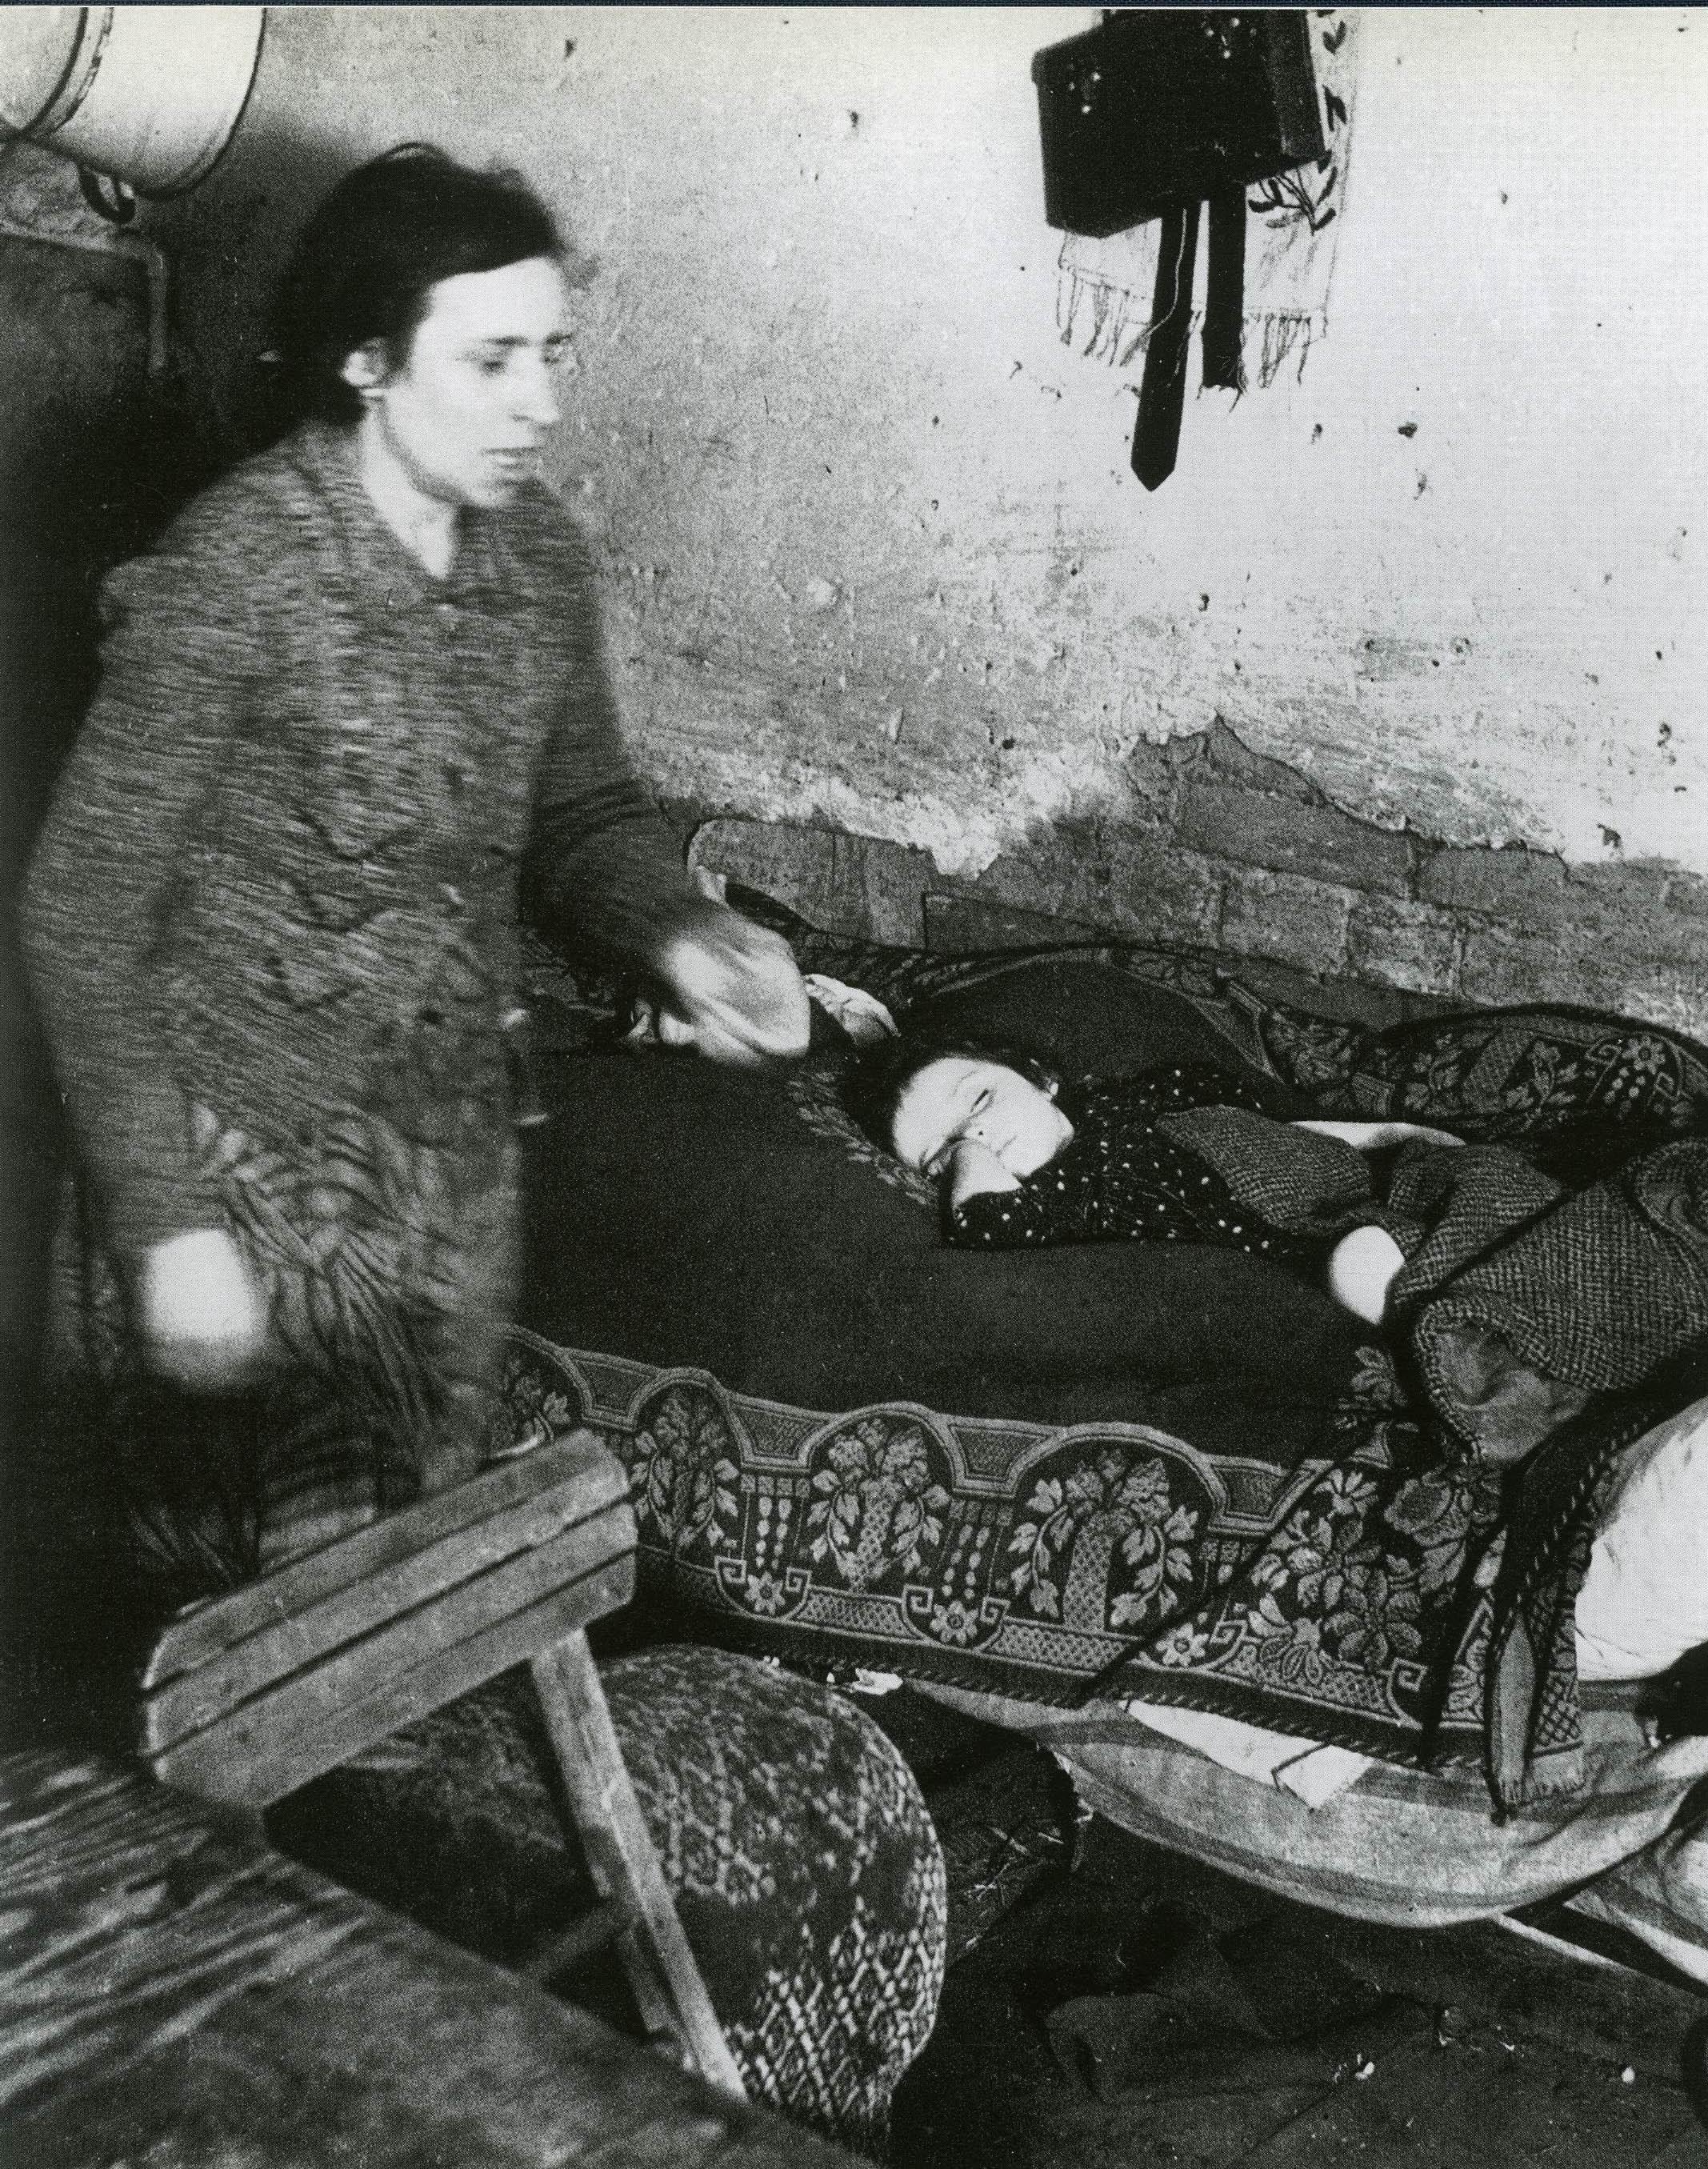 Мать и ребенок в подвальном жилище (фрагмент)